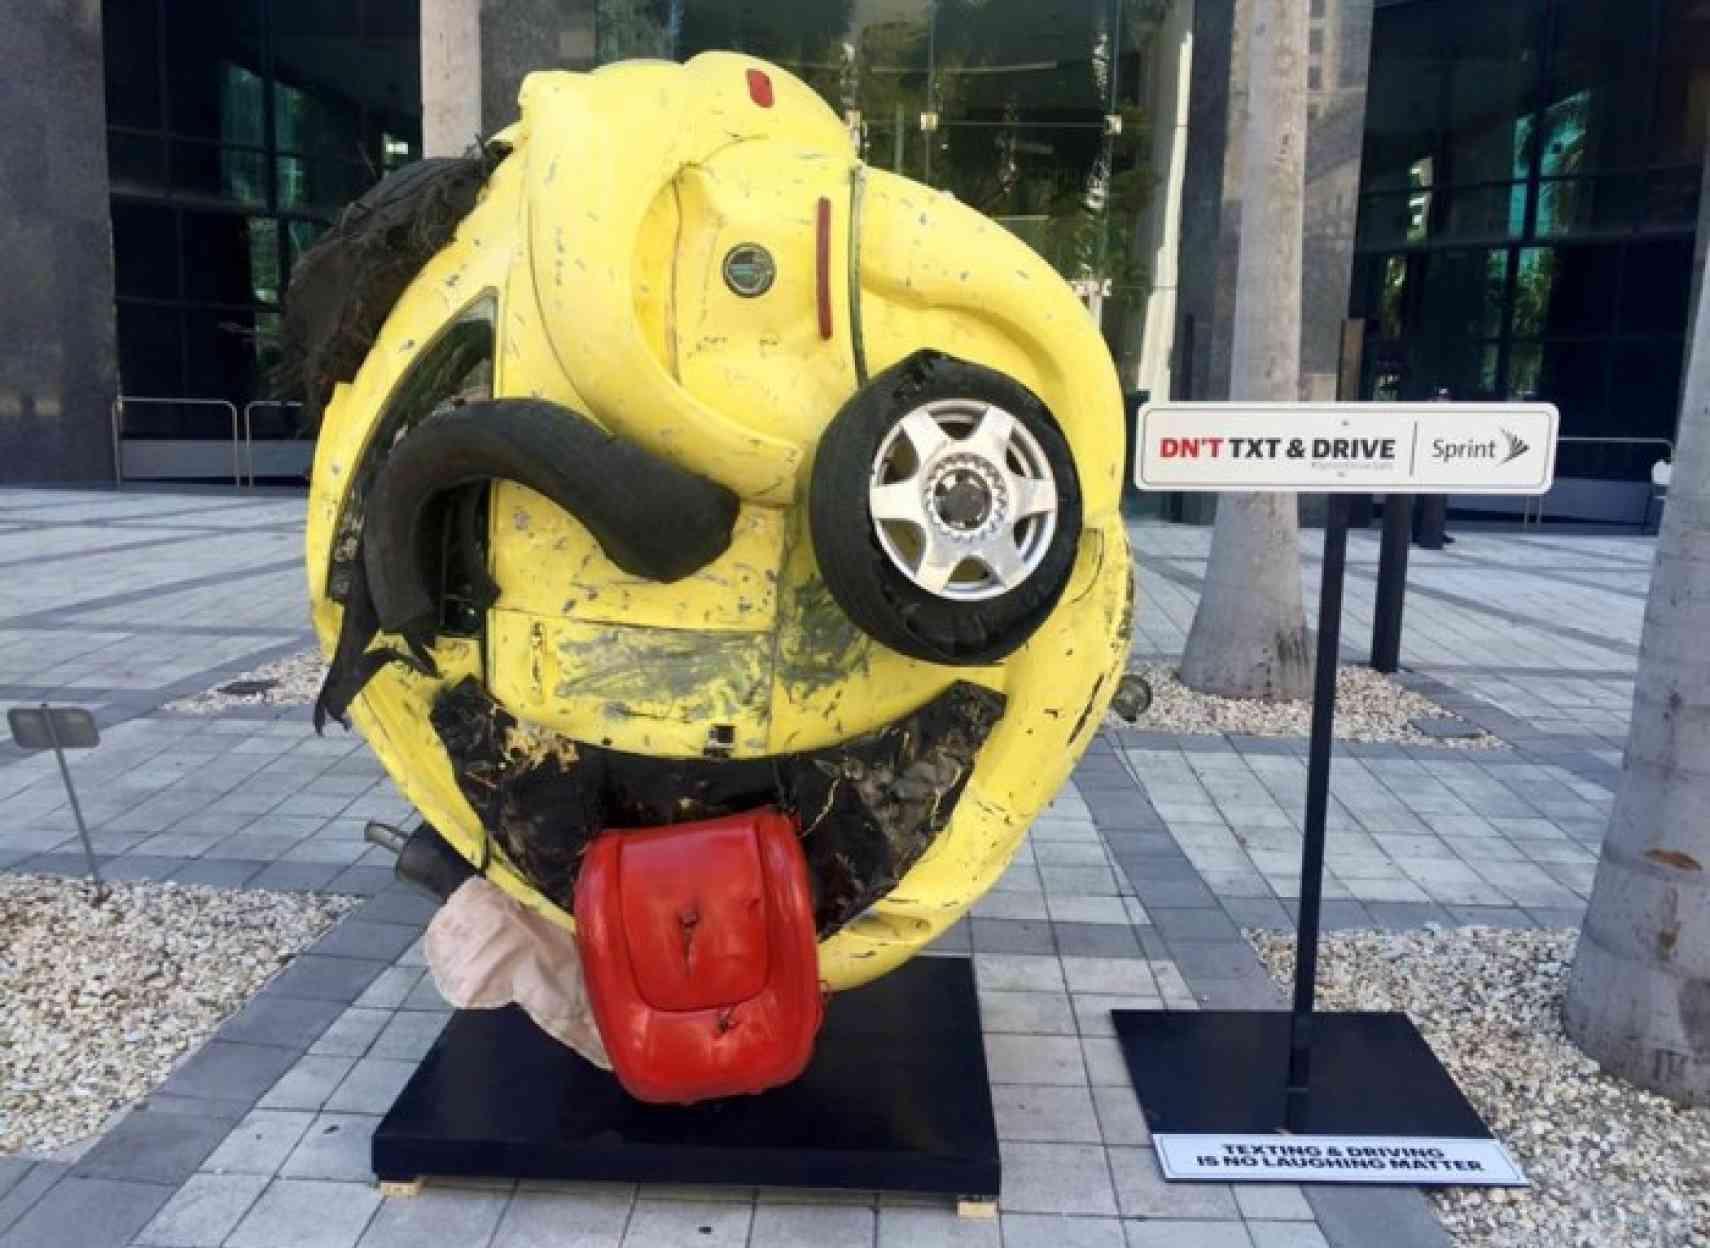 Campagne de prévention de Sprint pour garder les conducteurs attentifs.